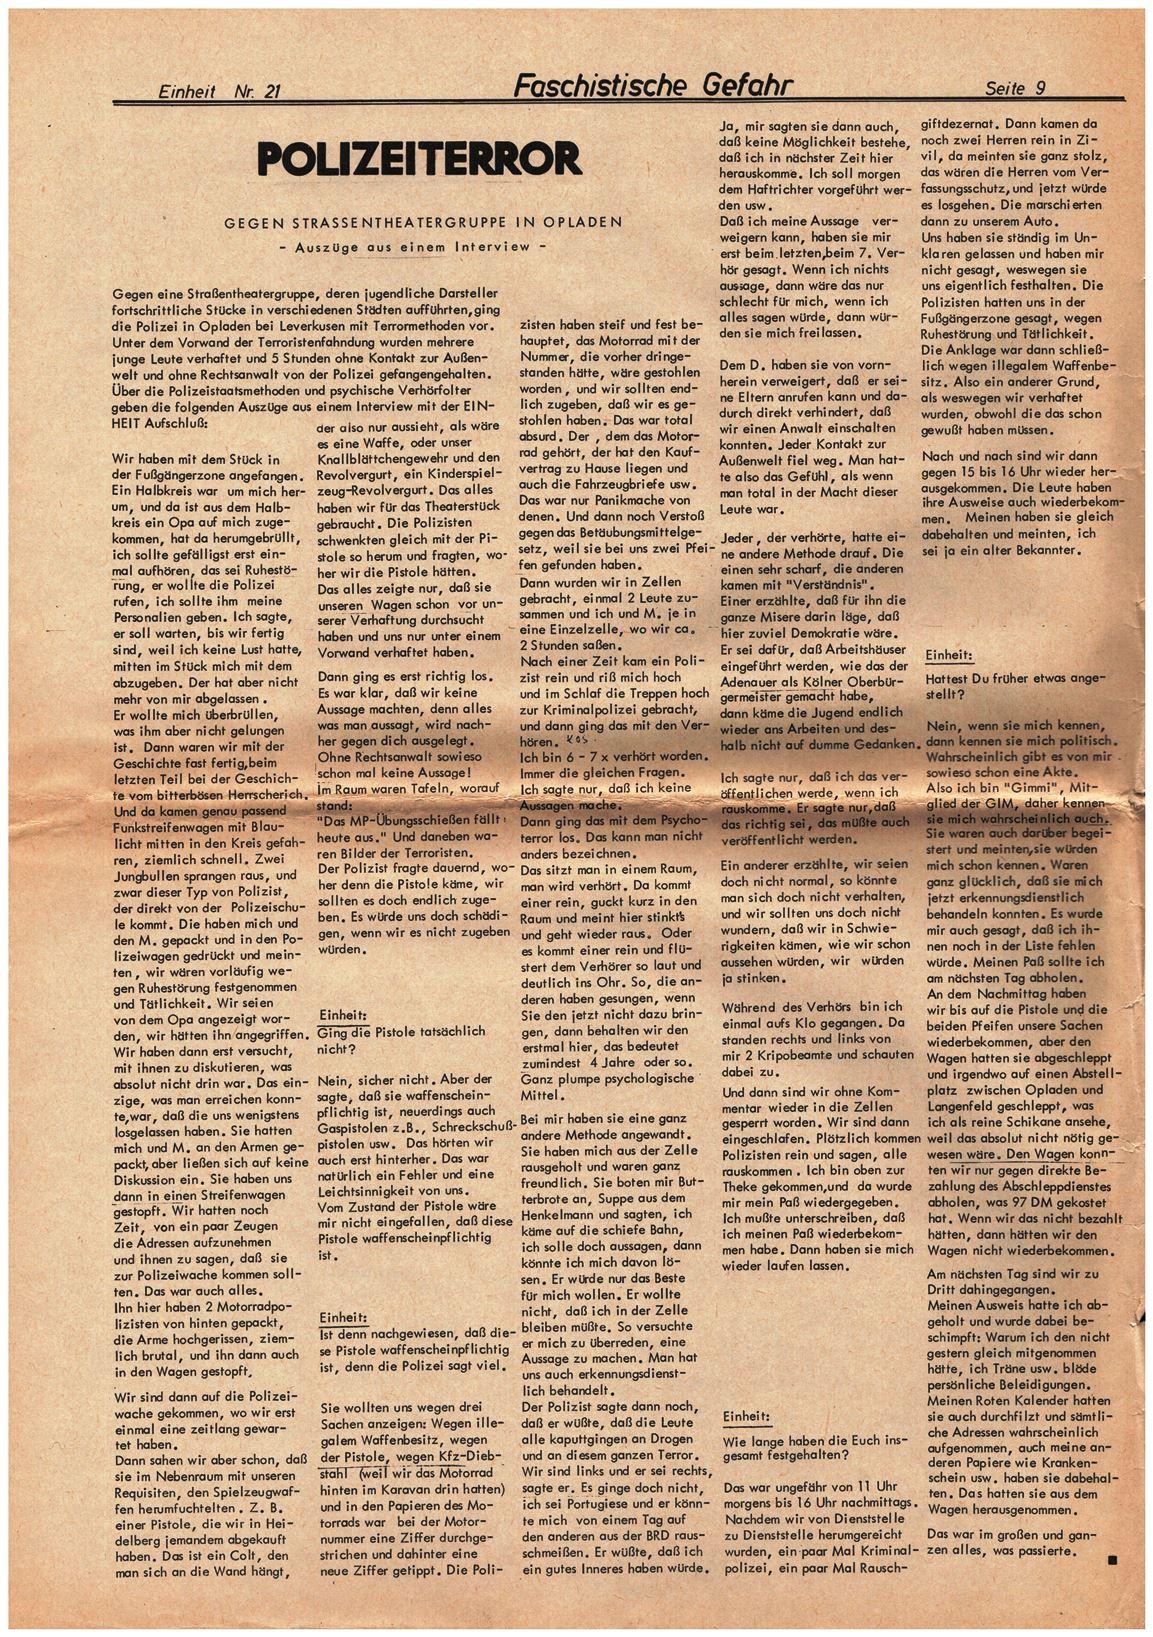 Koeln_IPdA_Einheit_1977_021_009